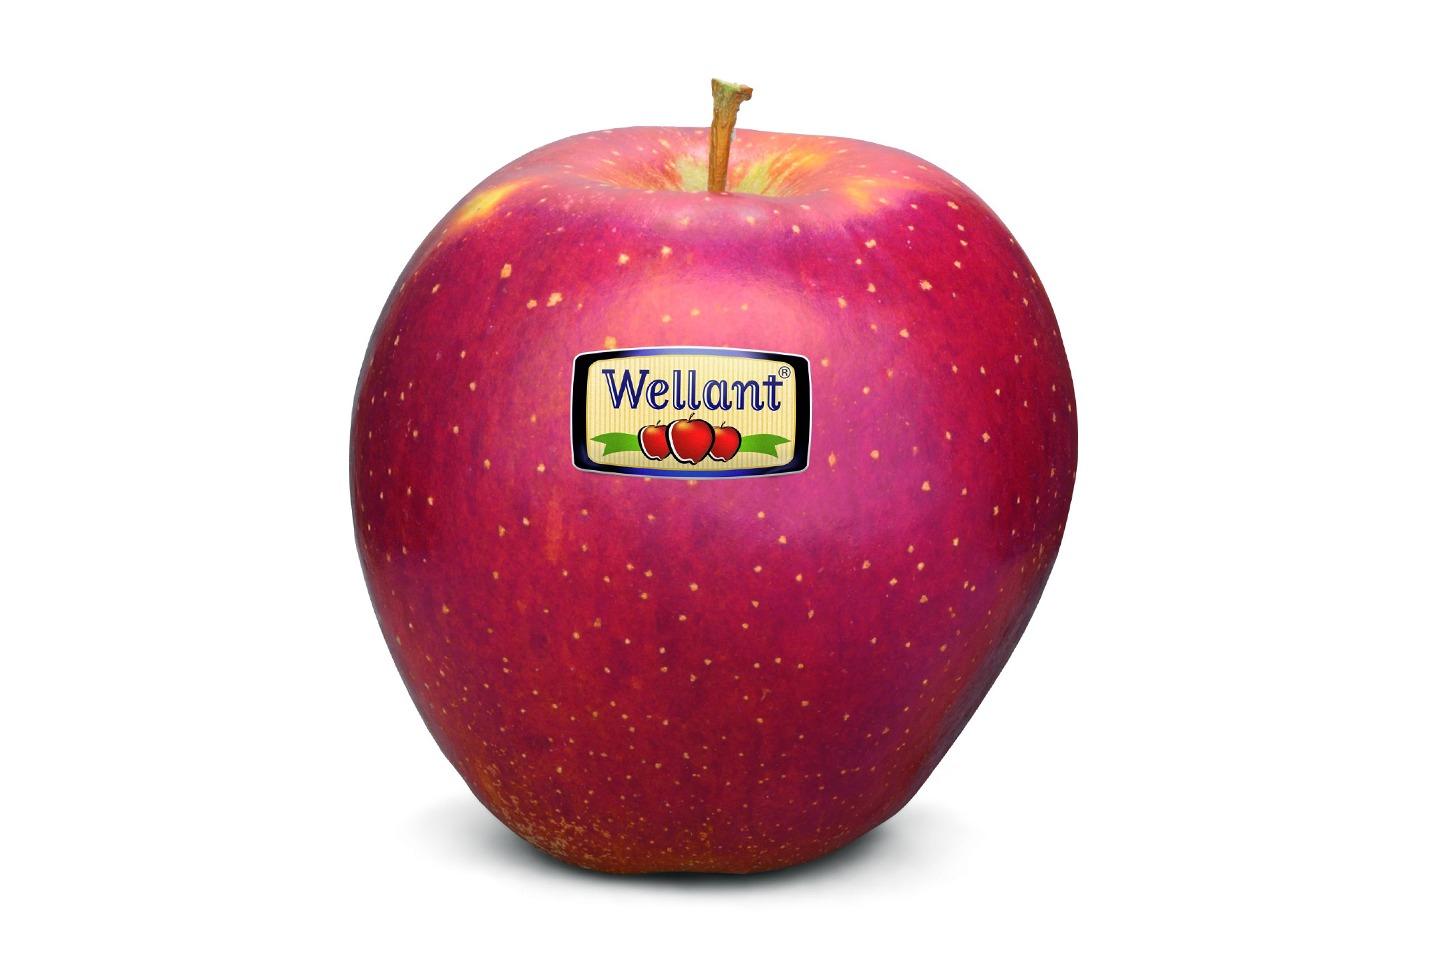 Wellant appel lokaal productper kist a. 11 kilo